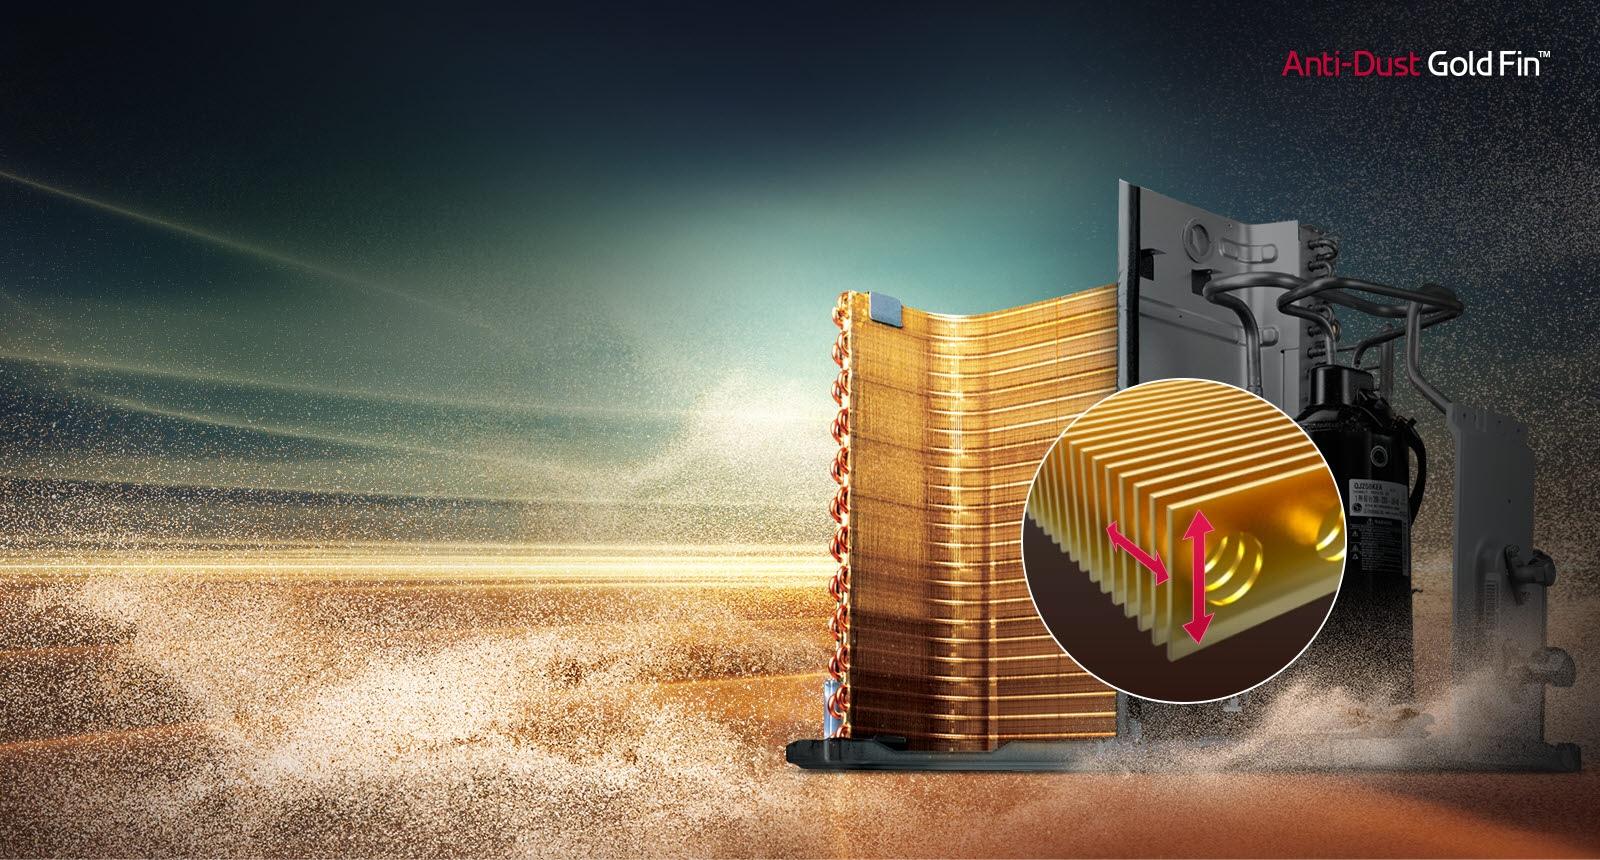 تظهر المكونات الآلية المطلية بالذهب في الخلفية مقابل منظر طبيعي صحراوي مغبَّر. توجد دائرة تُظهر منظرًا مكبرًا للريشة الذهبية المضادة للغبار. هناك سهمان، أحدهما رأسي والآخر عمودي على الريشة، يوضحان كيفية تحركها.